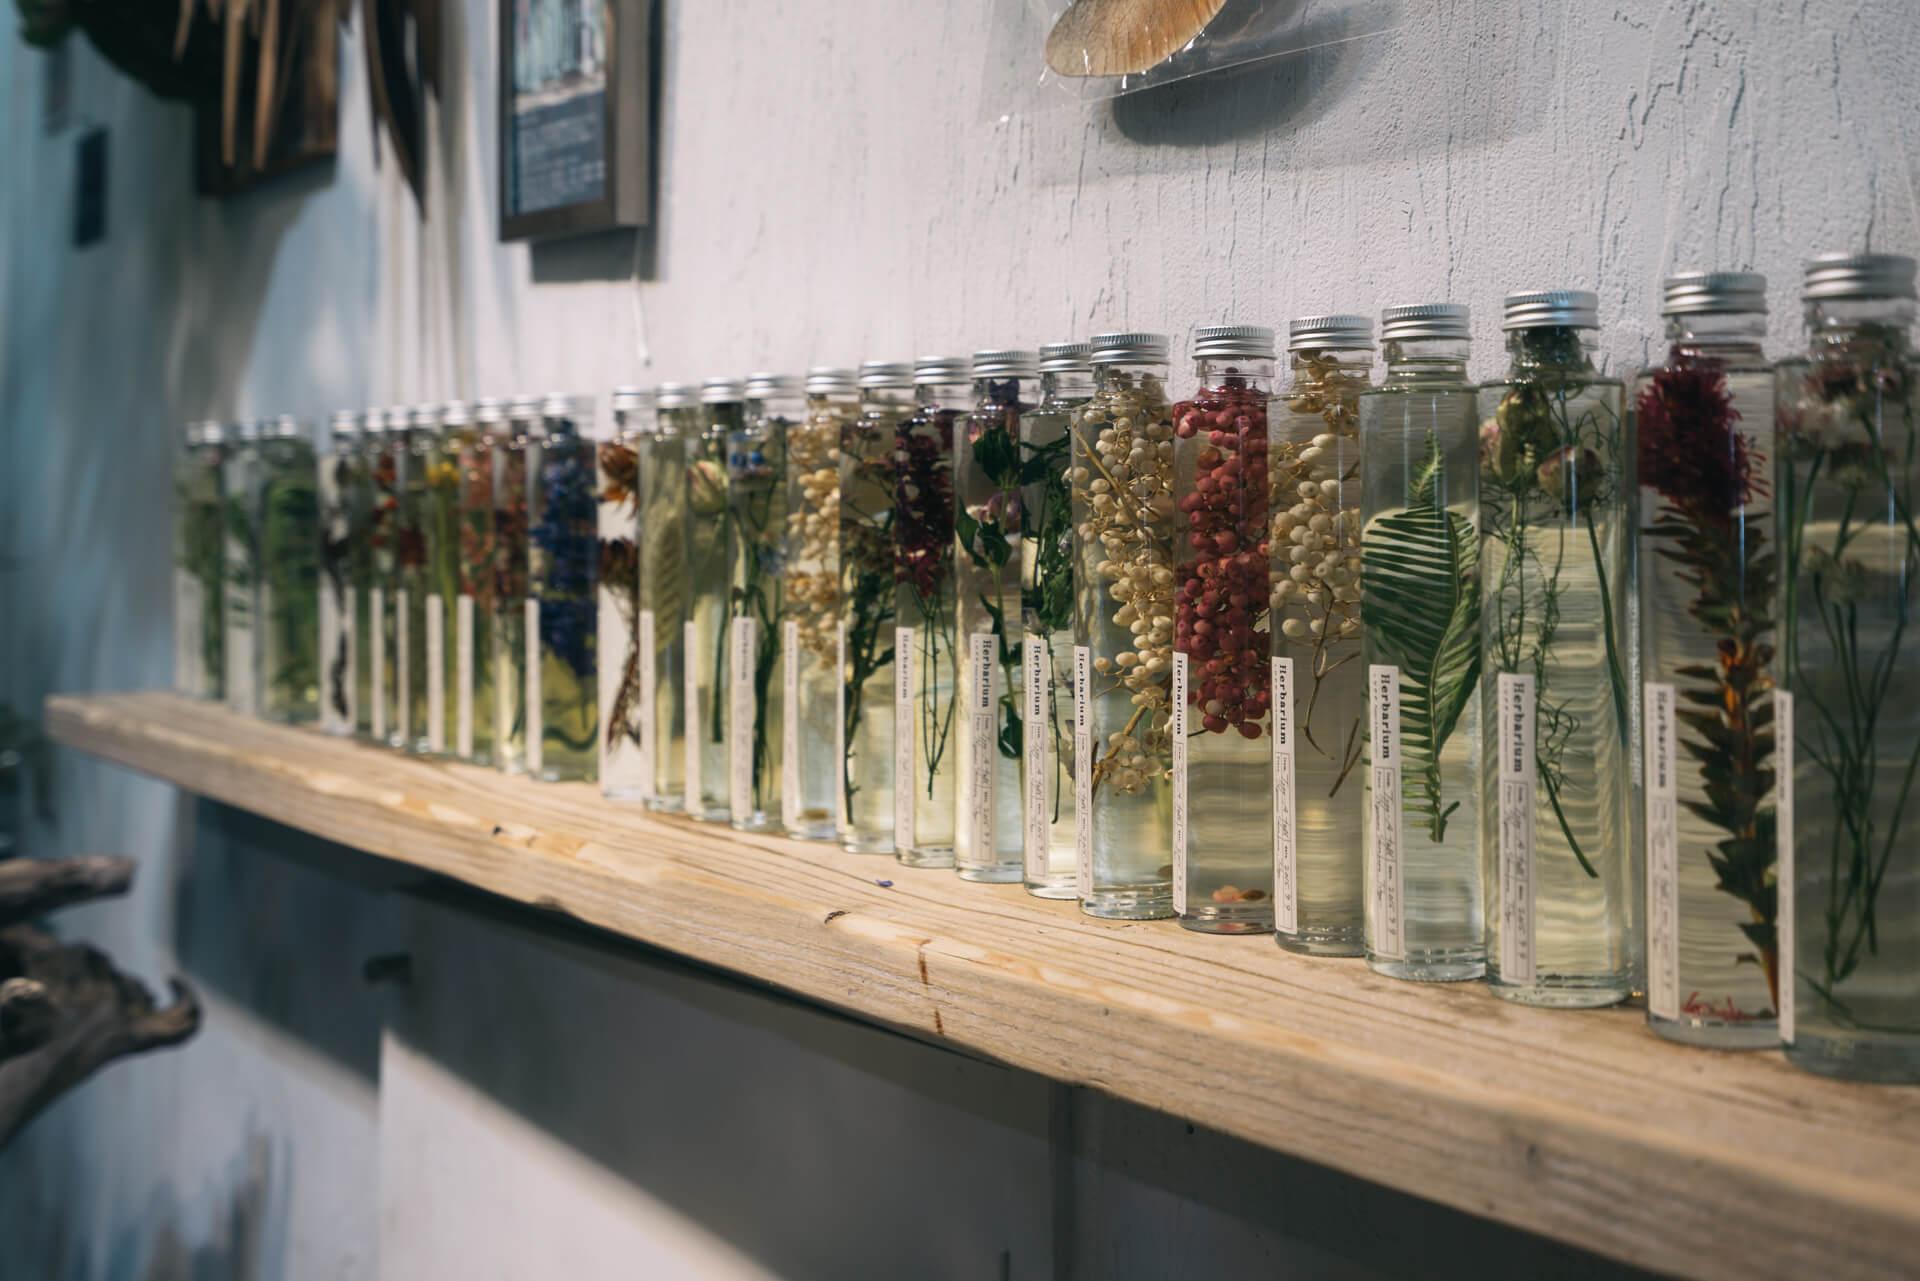 清澄白河『LUFF』オリジナル「Herbanium」シリーズ(このお店はこちら)